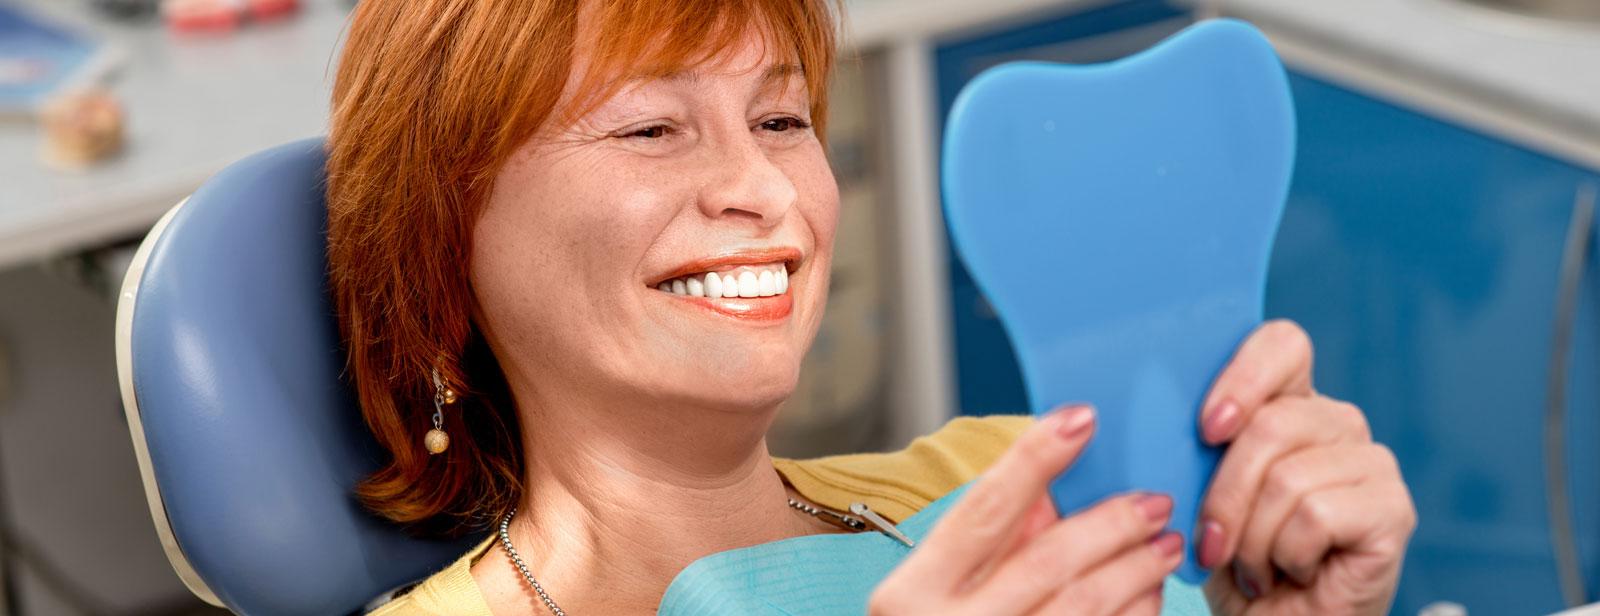 Een stralende lach met een perfect passende prothese